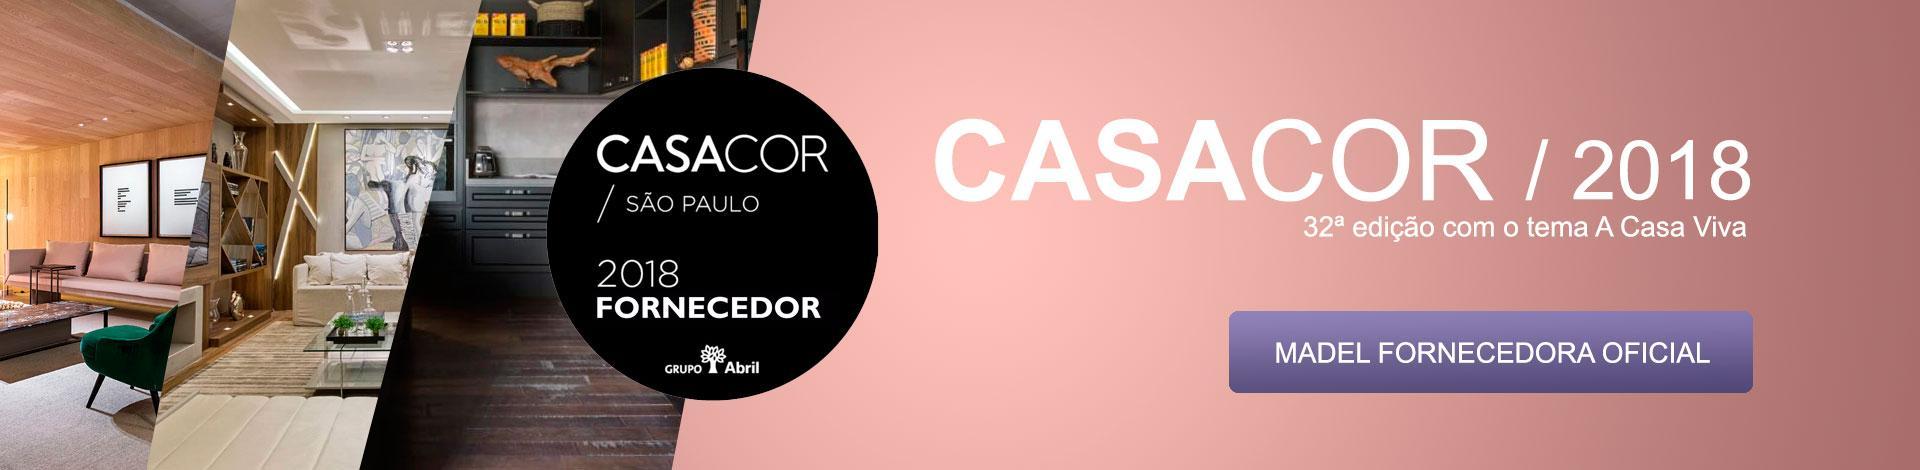 CasaCor 2018